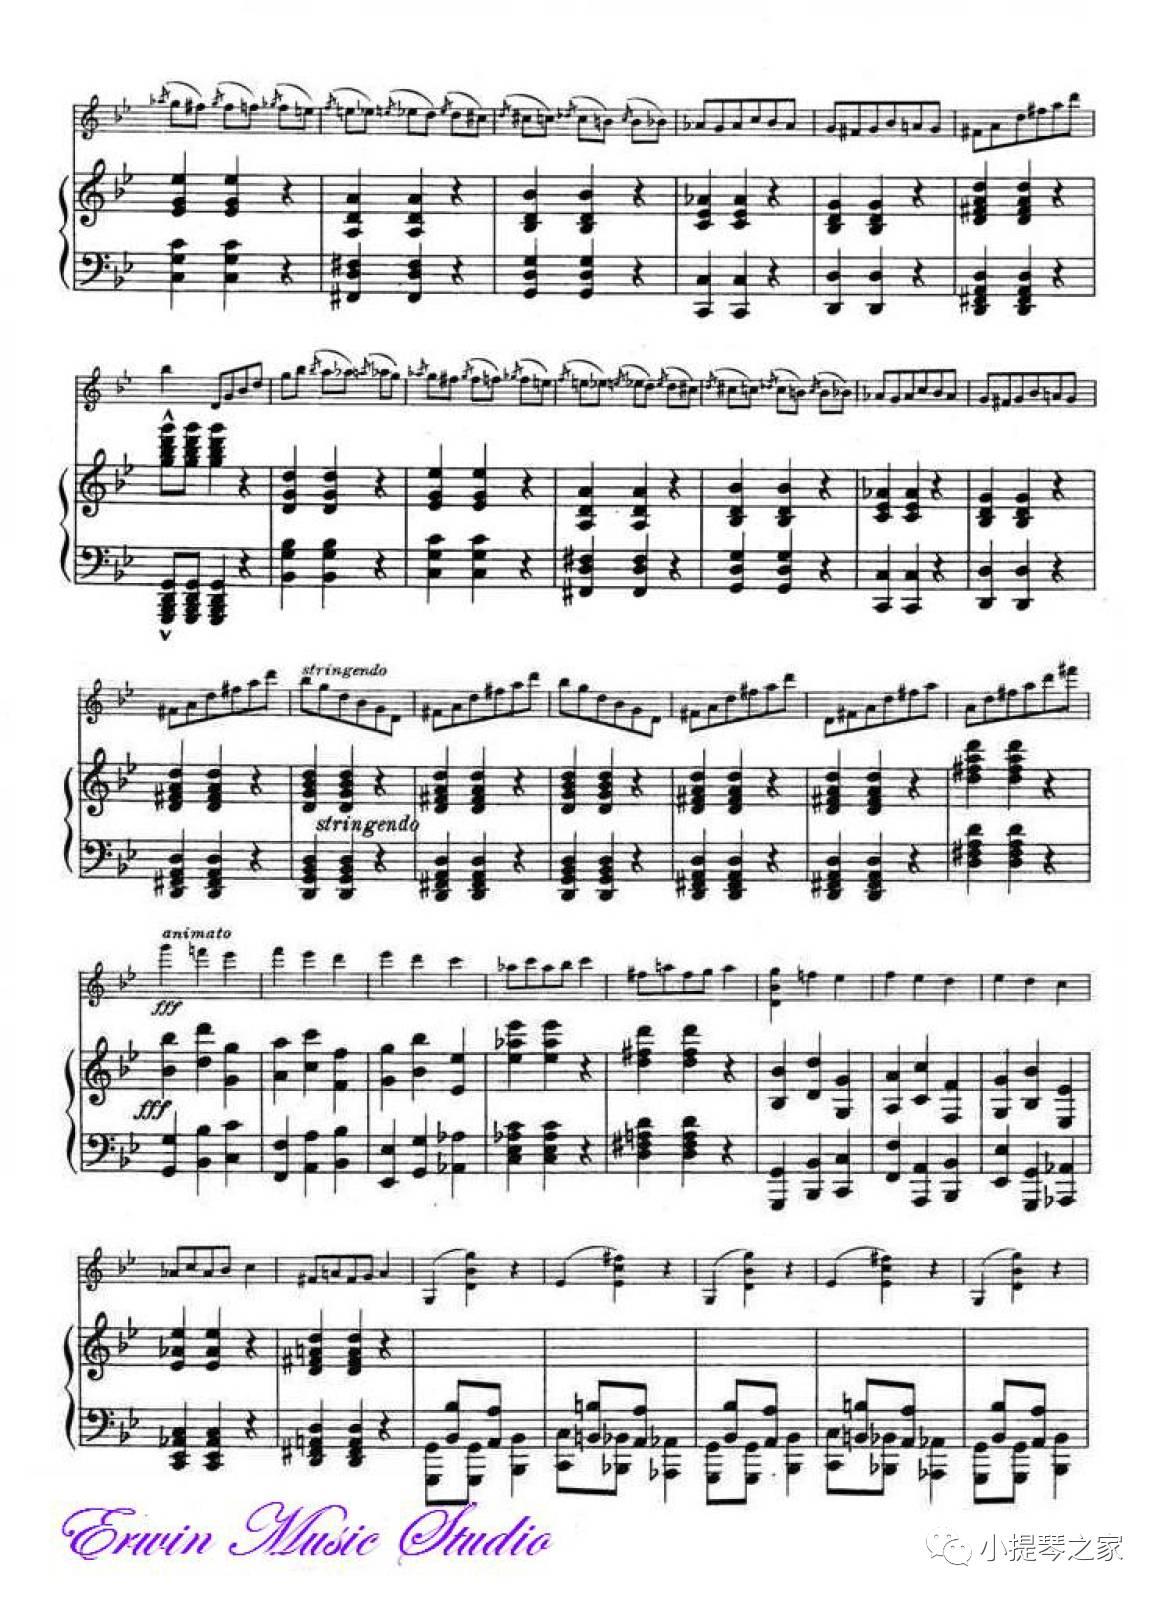 骷髅之舞 附小提琴谱 圣桑曲,杜达梅尔指挥